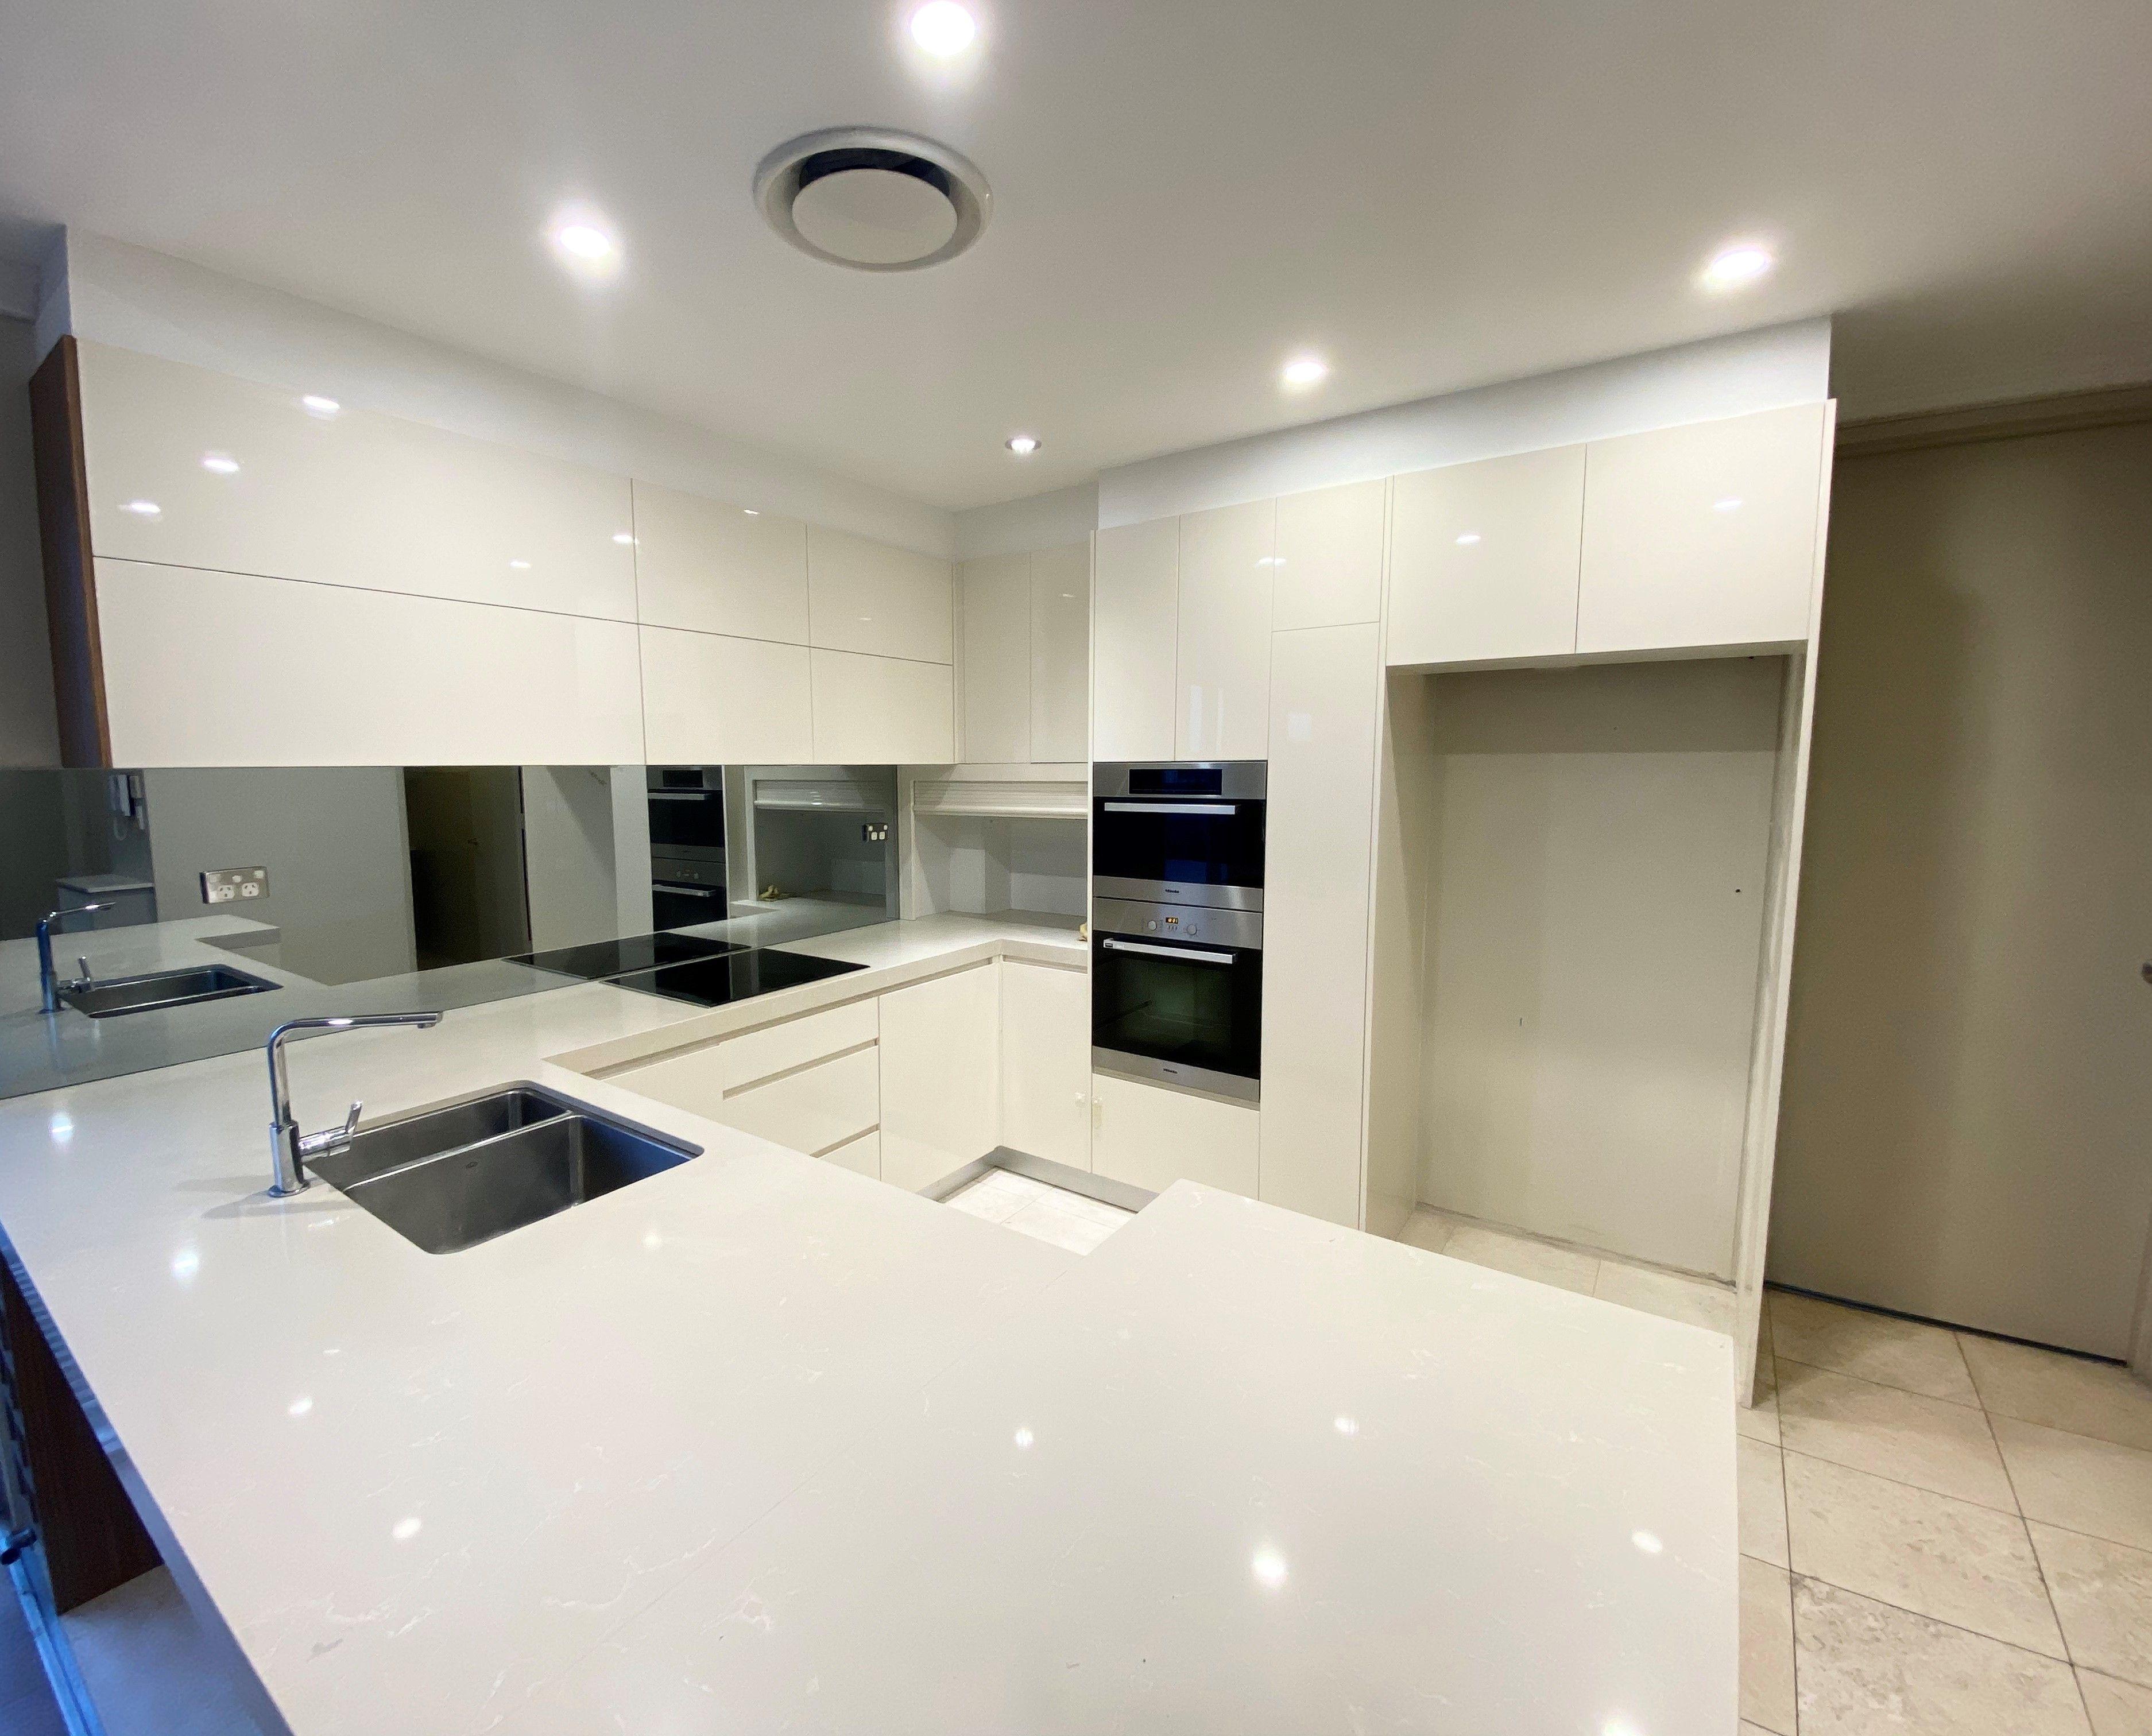 13/46 Tennyson Road, Mortlake NSW 2137